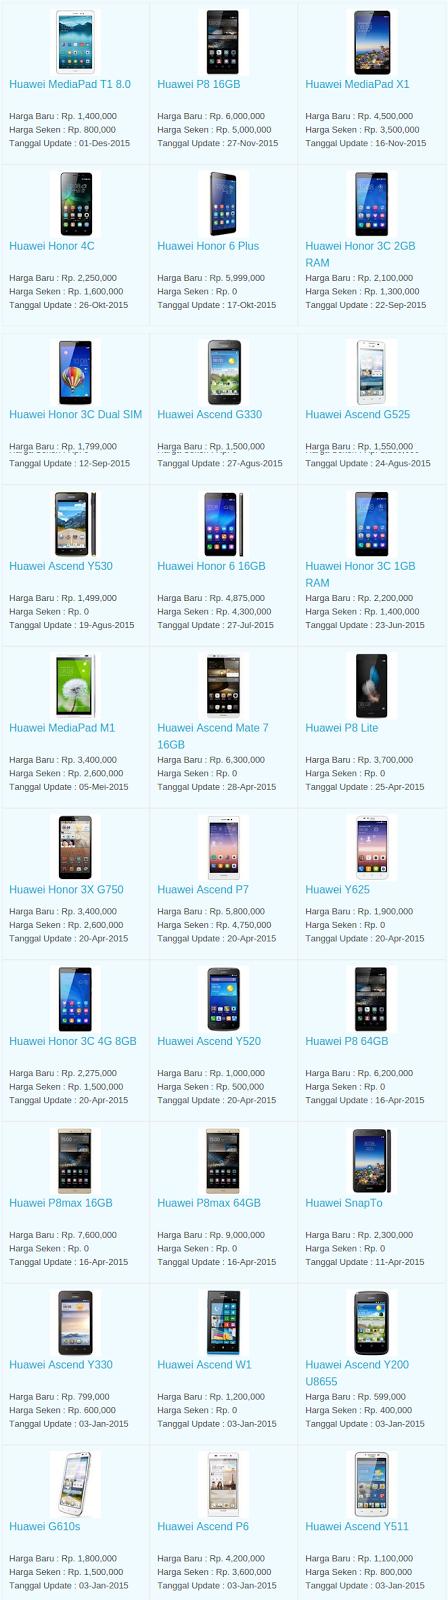 Daftar Harga Hp Huawei Desember 2015